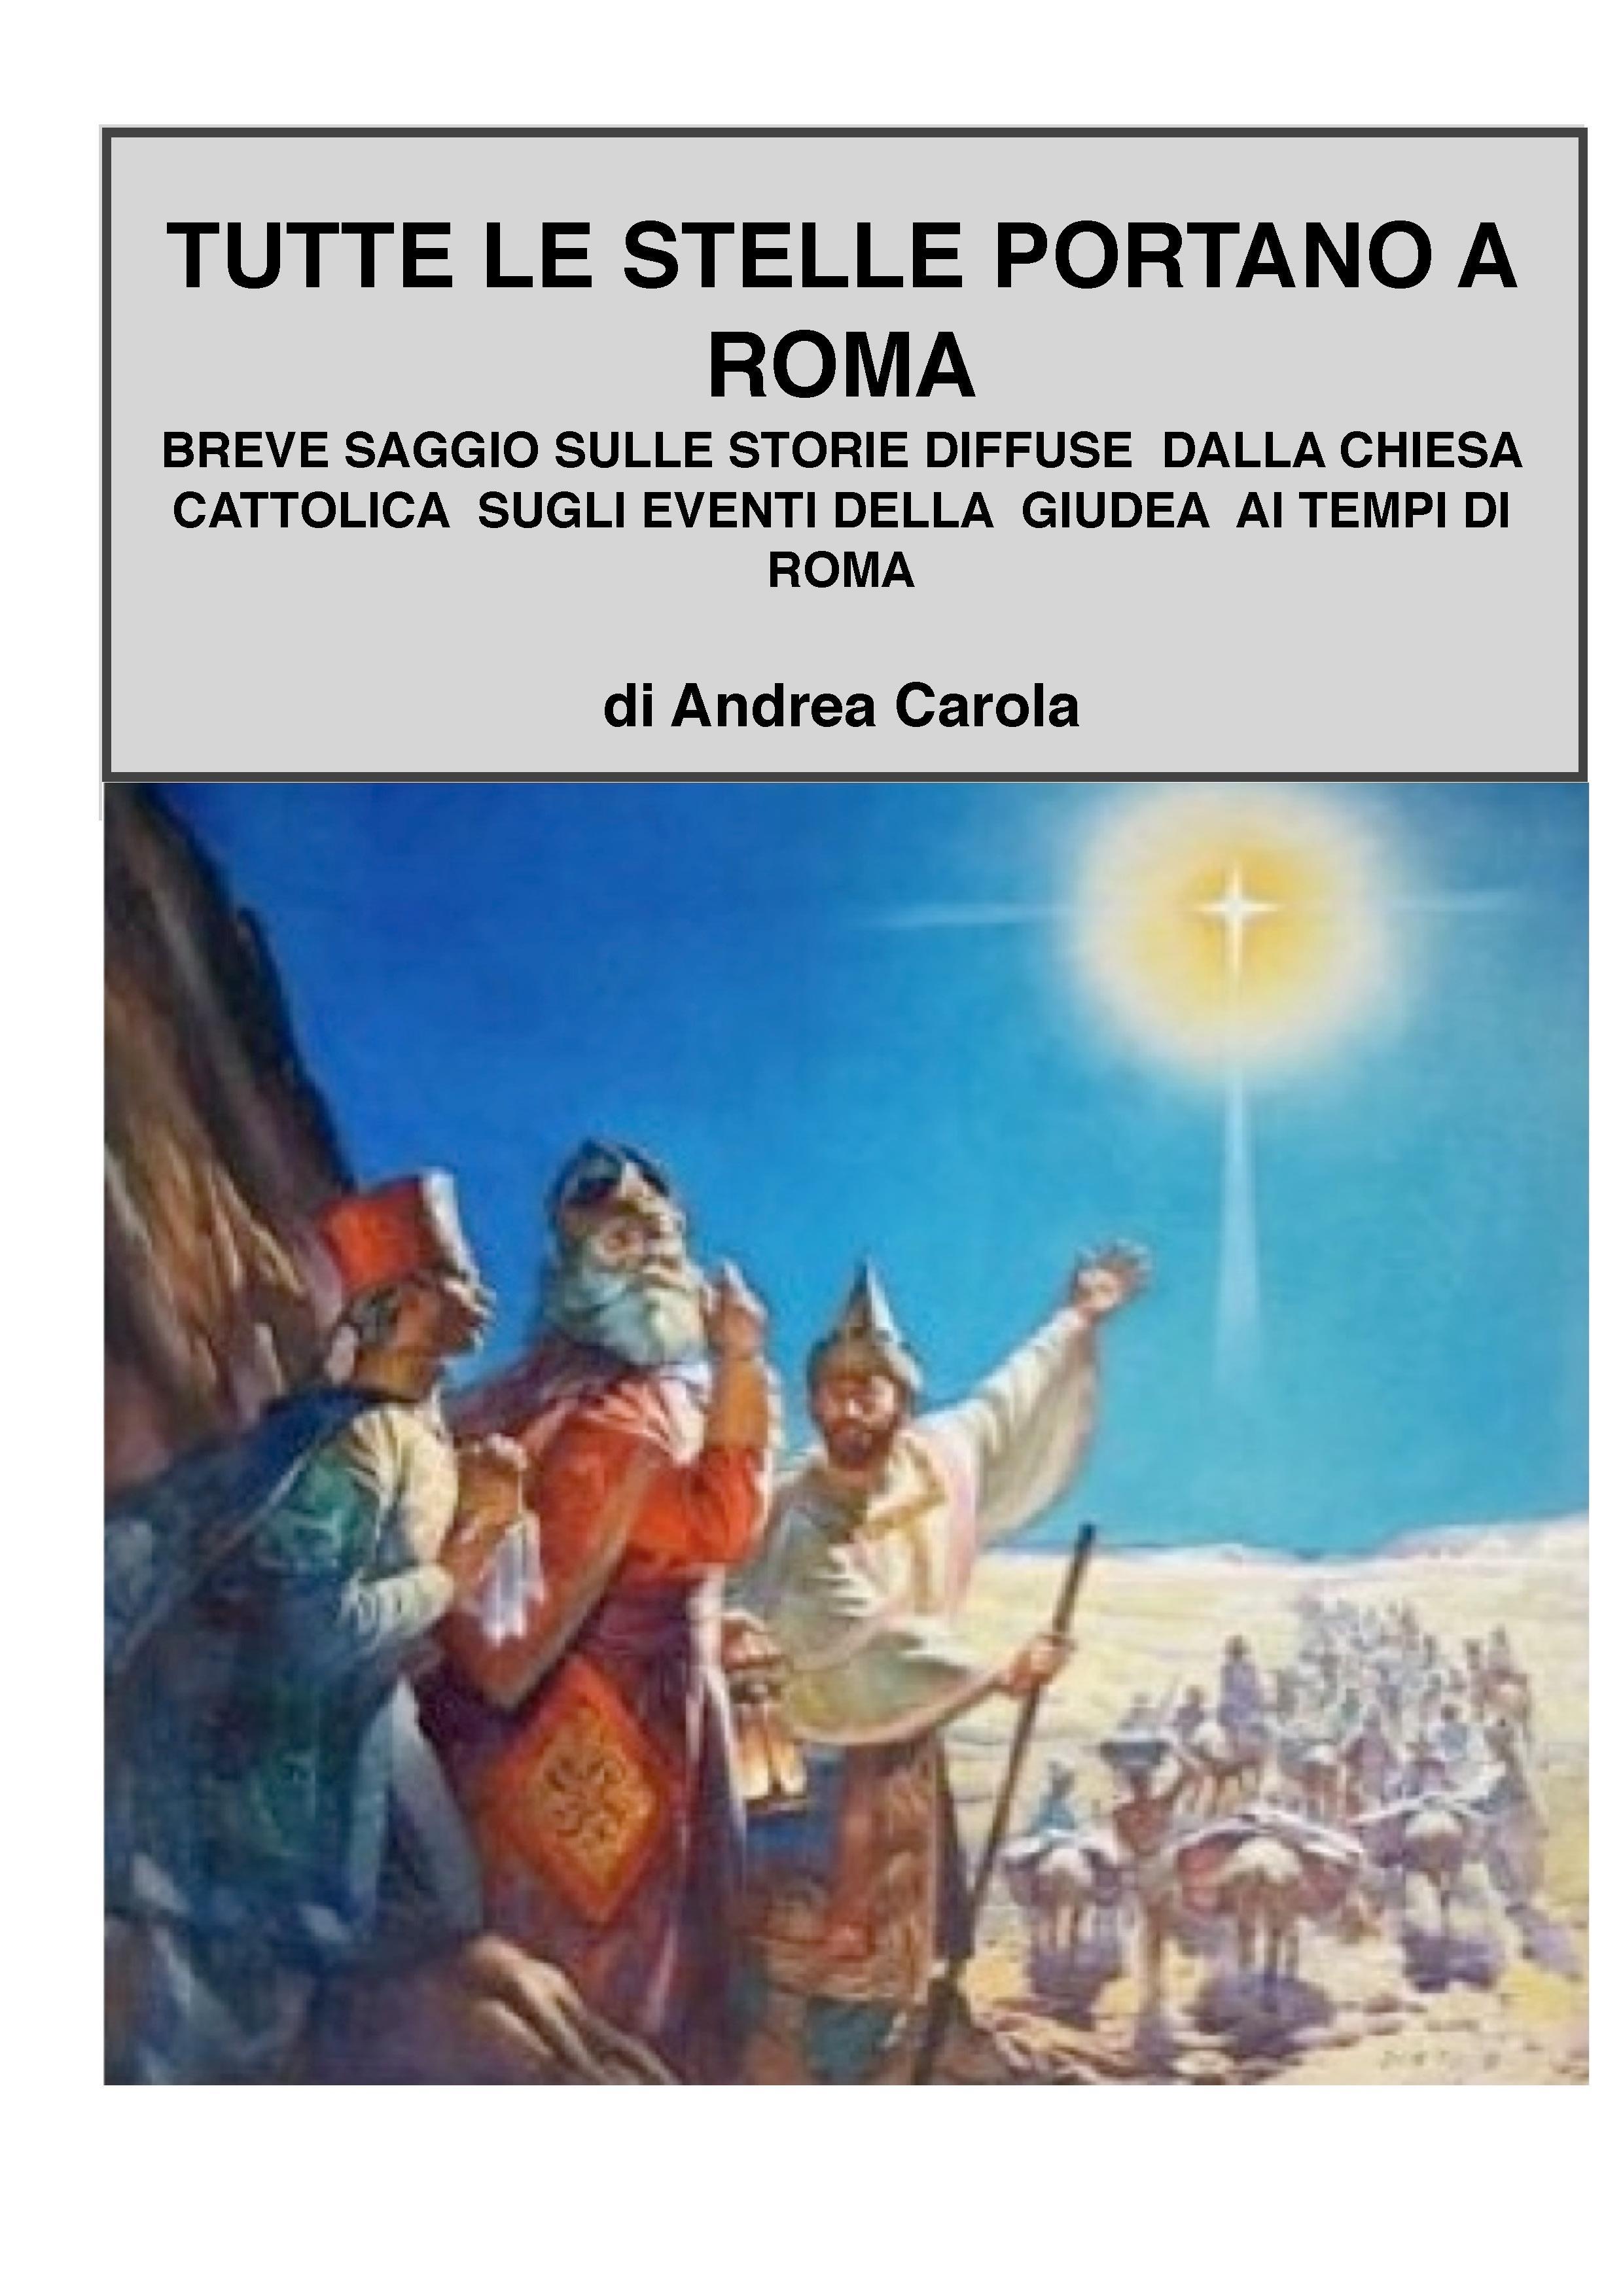 Breve saggio sulle dicerie diffuse dalla chiesa cattolica sugli eventi della Giudea ai tempi di Roma